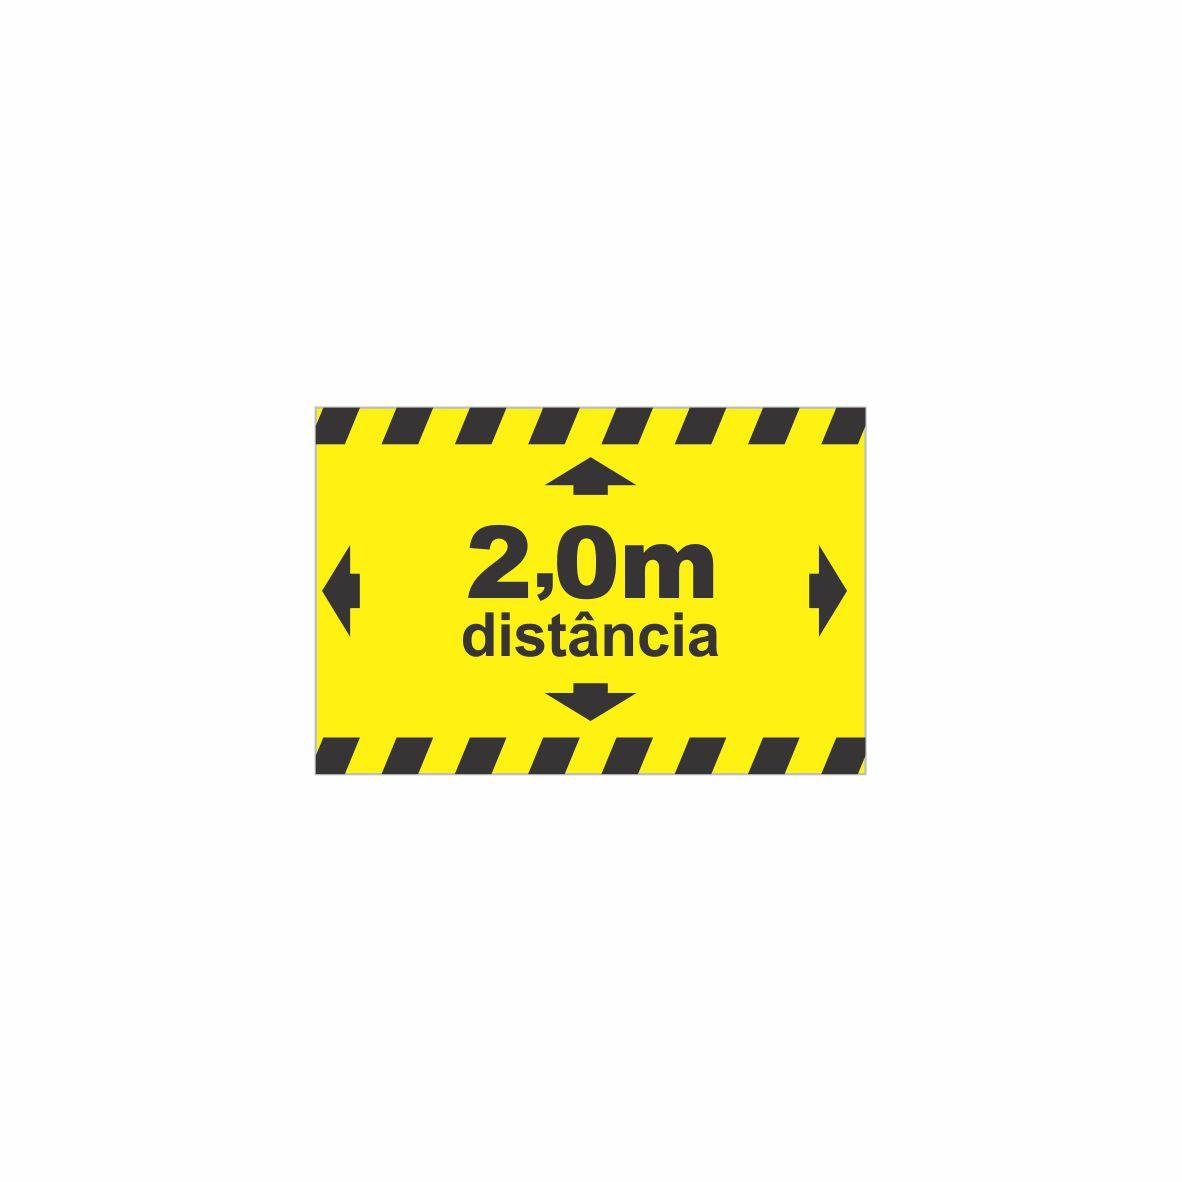 Adesivo para solo Distanciamento 2 metros - retangular  - Towbar Sinalização de Segurança